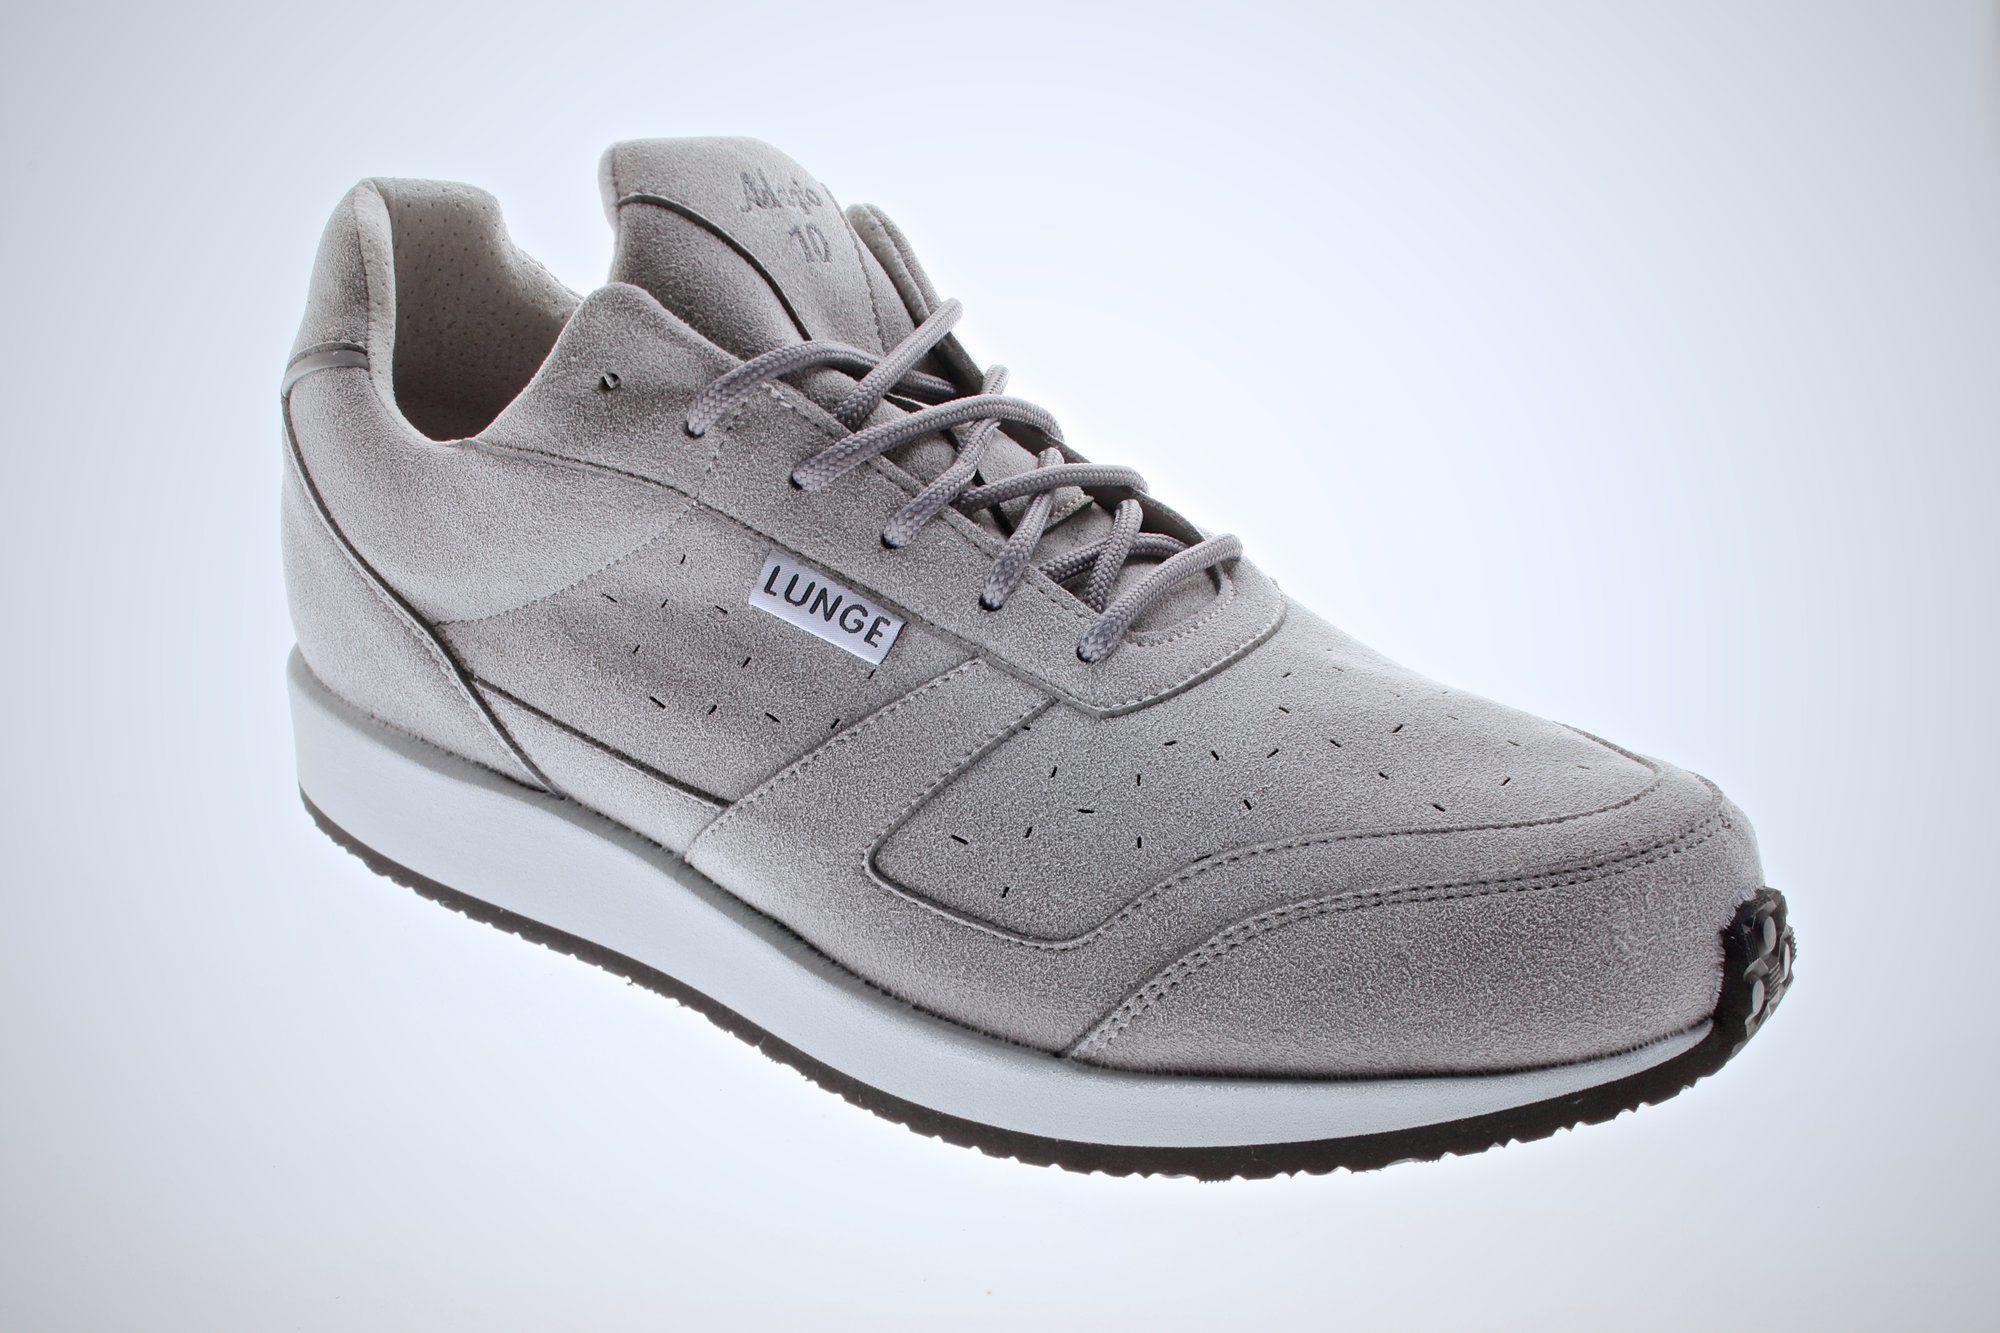 Lunge Classic Walk in Silber Grau